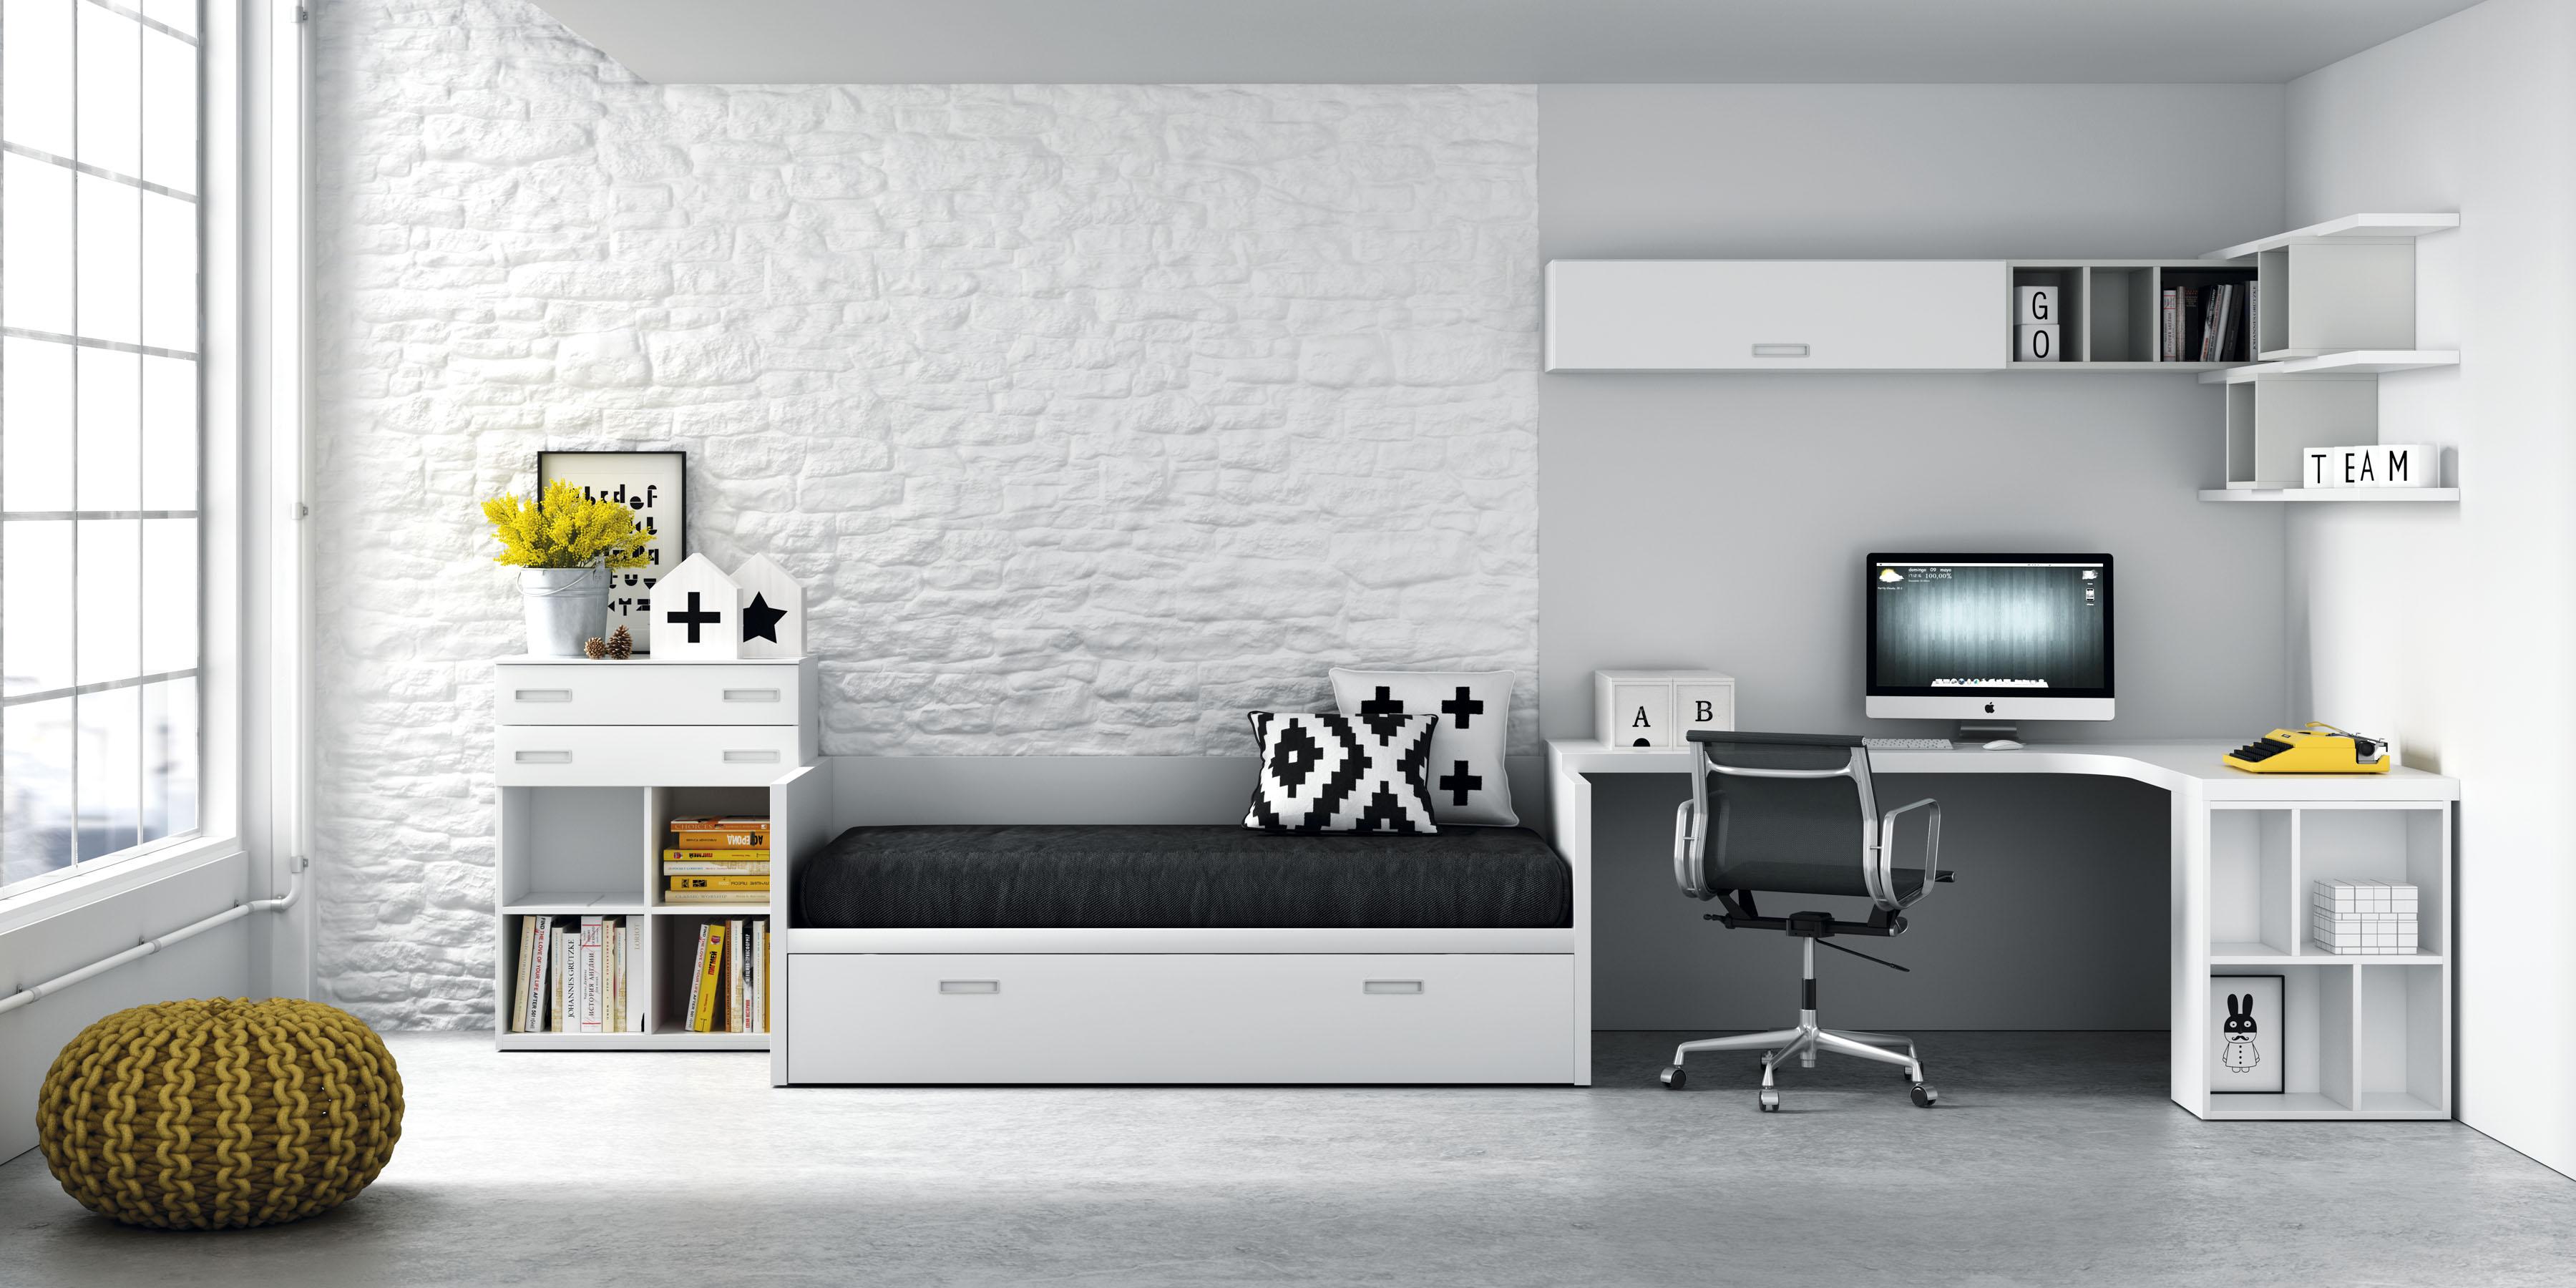 Habitaciones muebles jp for Muebles para dormitorios juveniles modernos